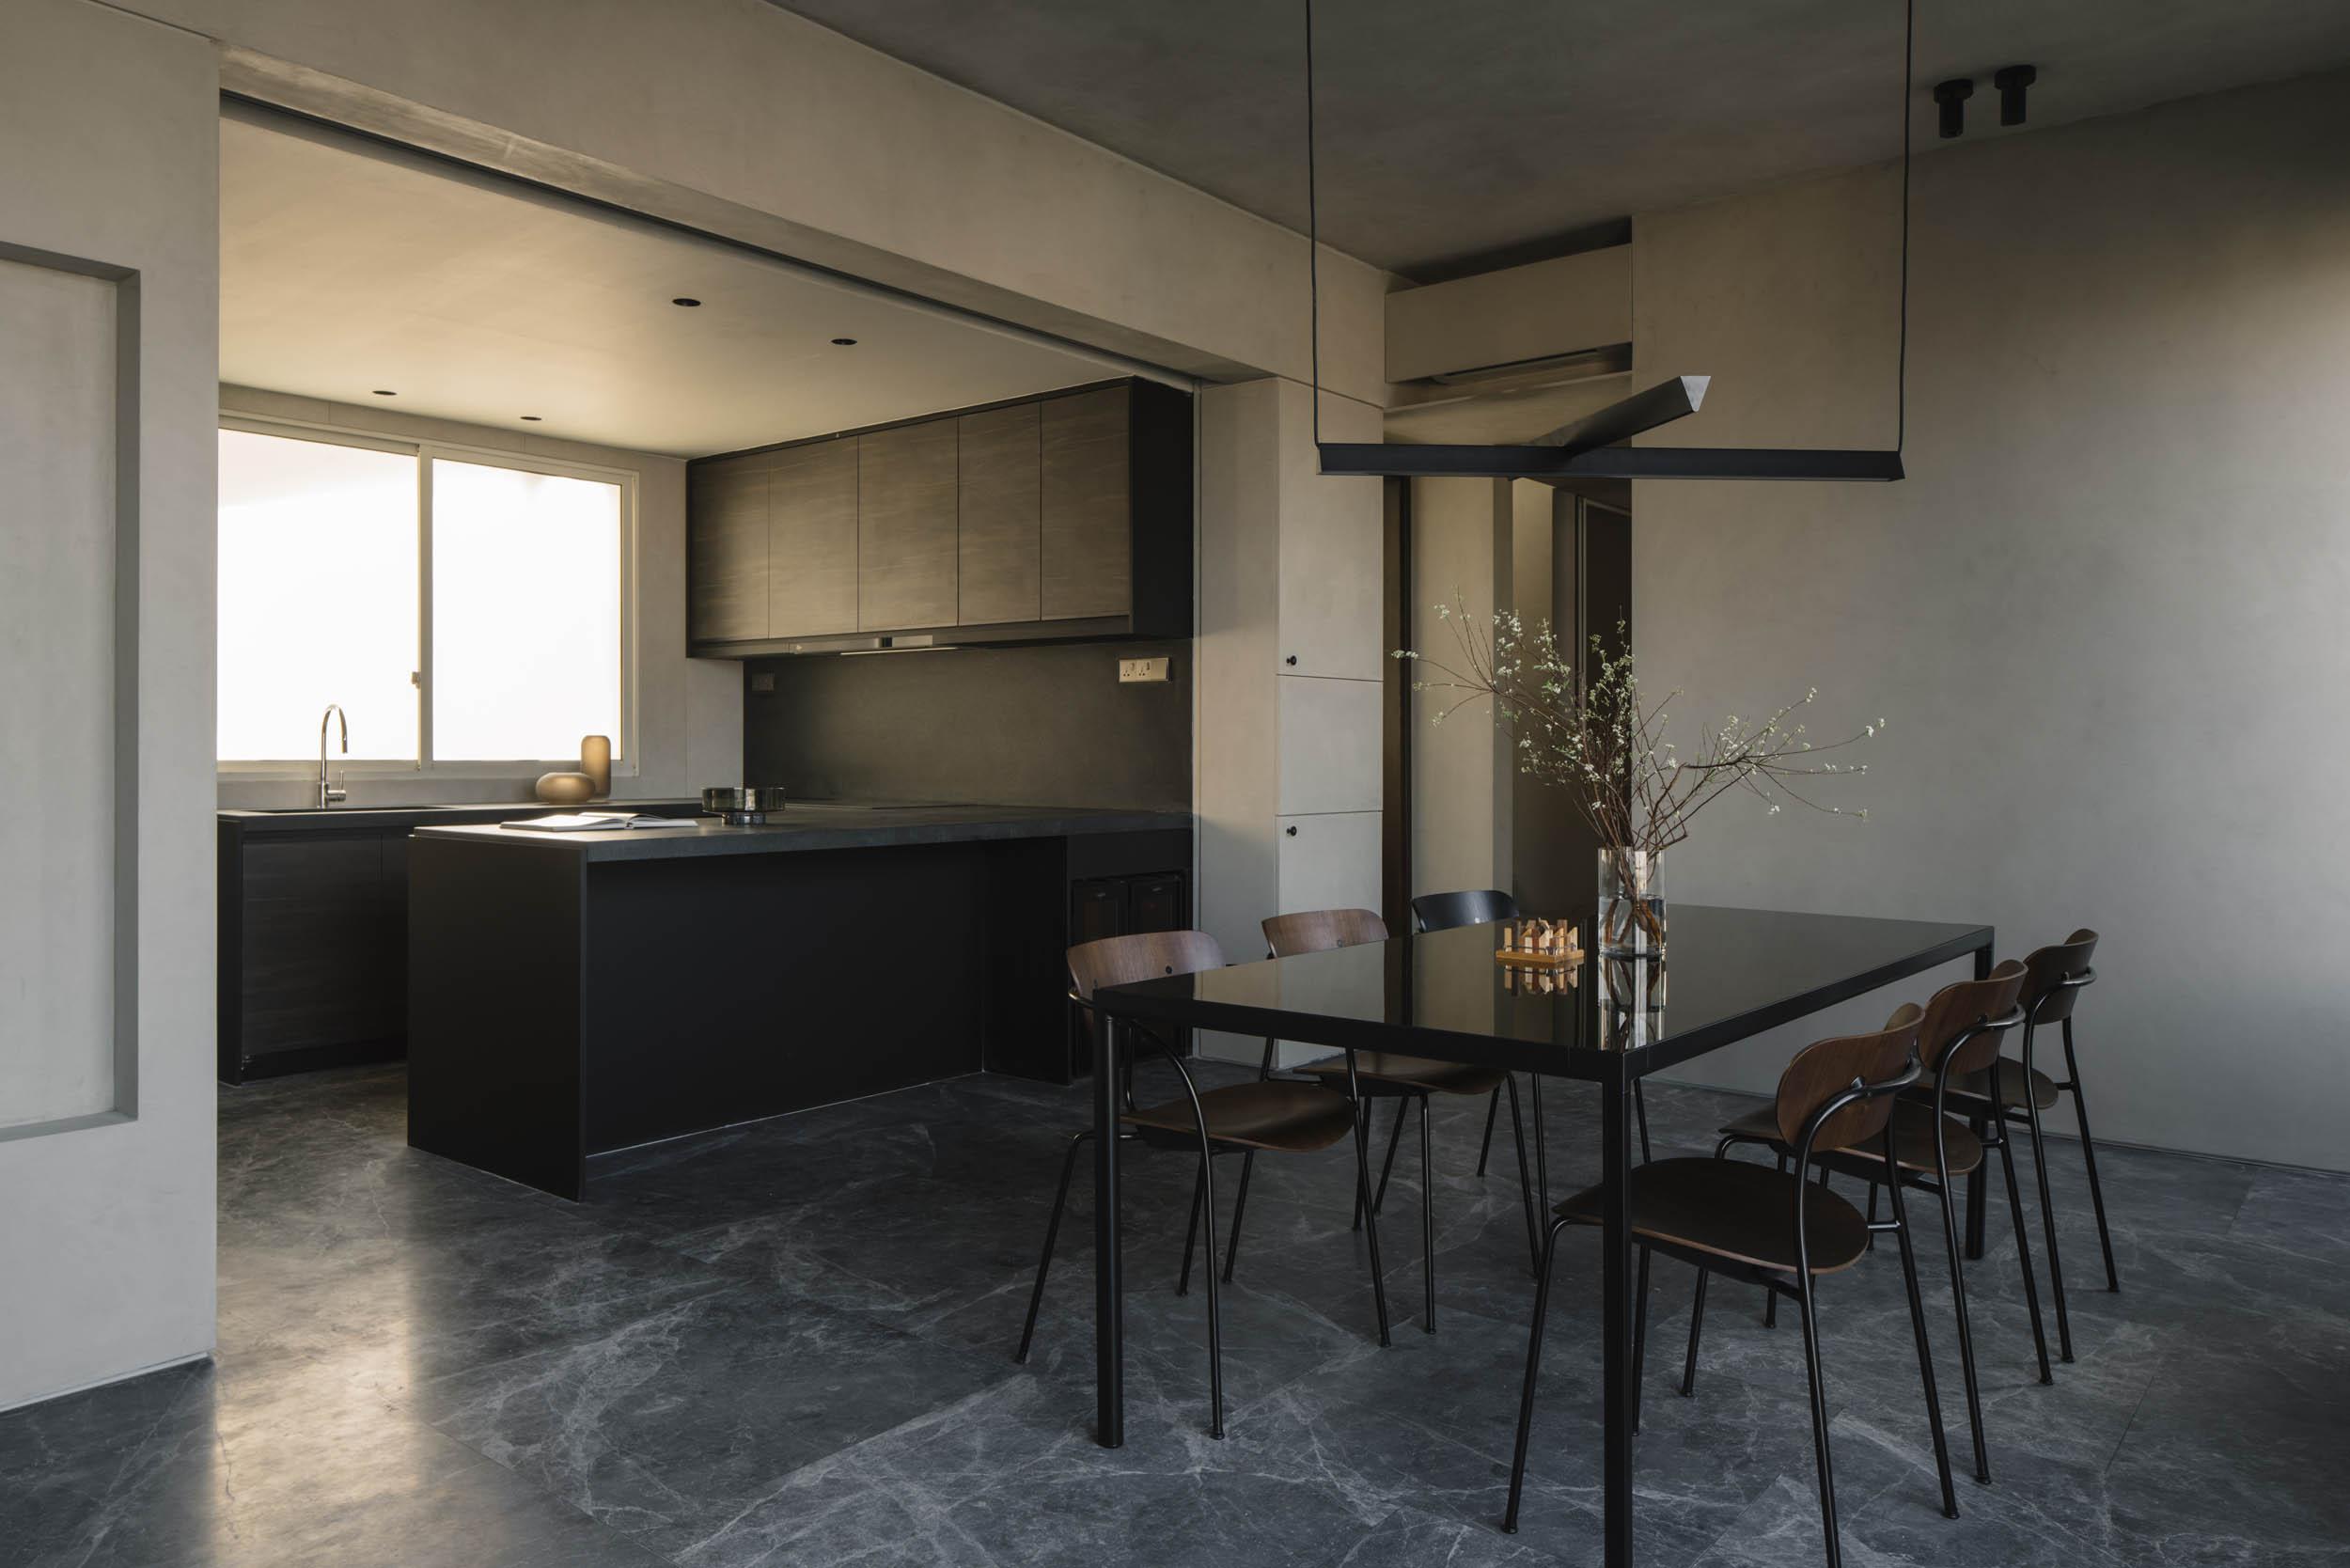 ipli - The Seaview Penthouse050.jpg